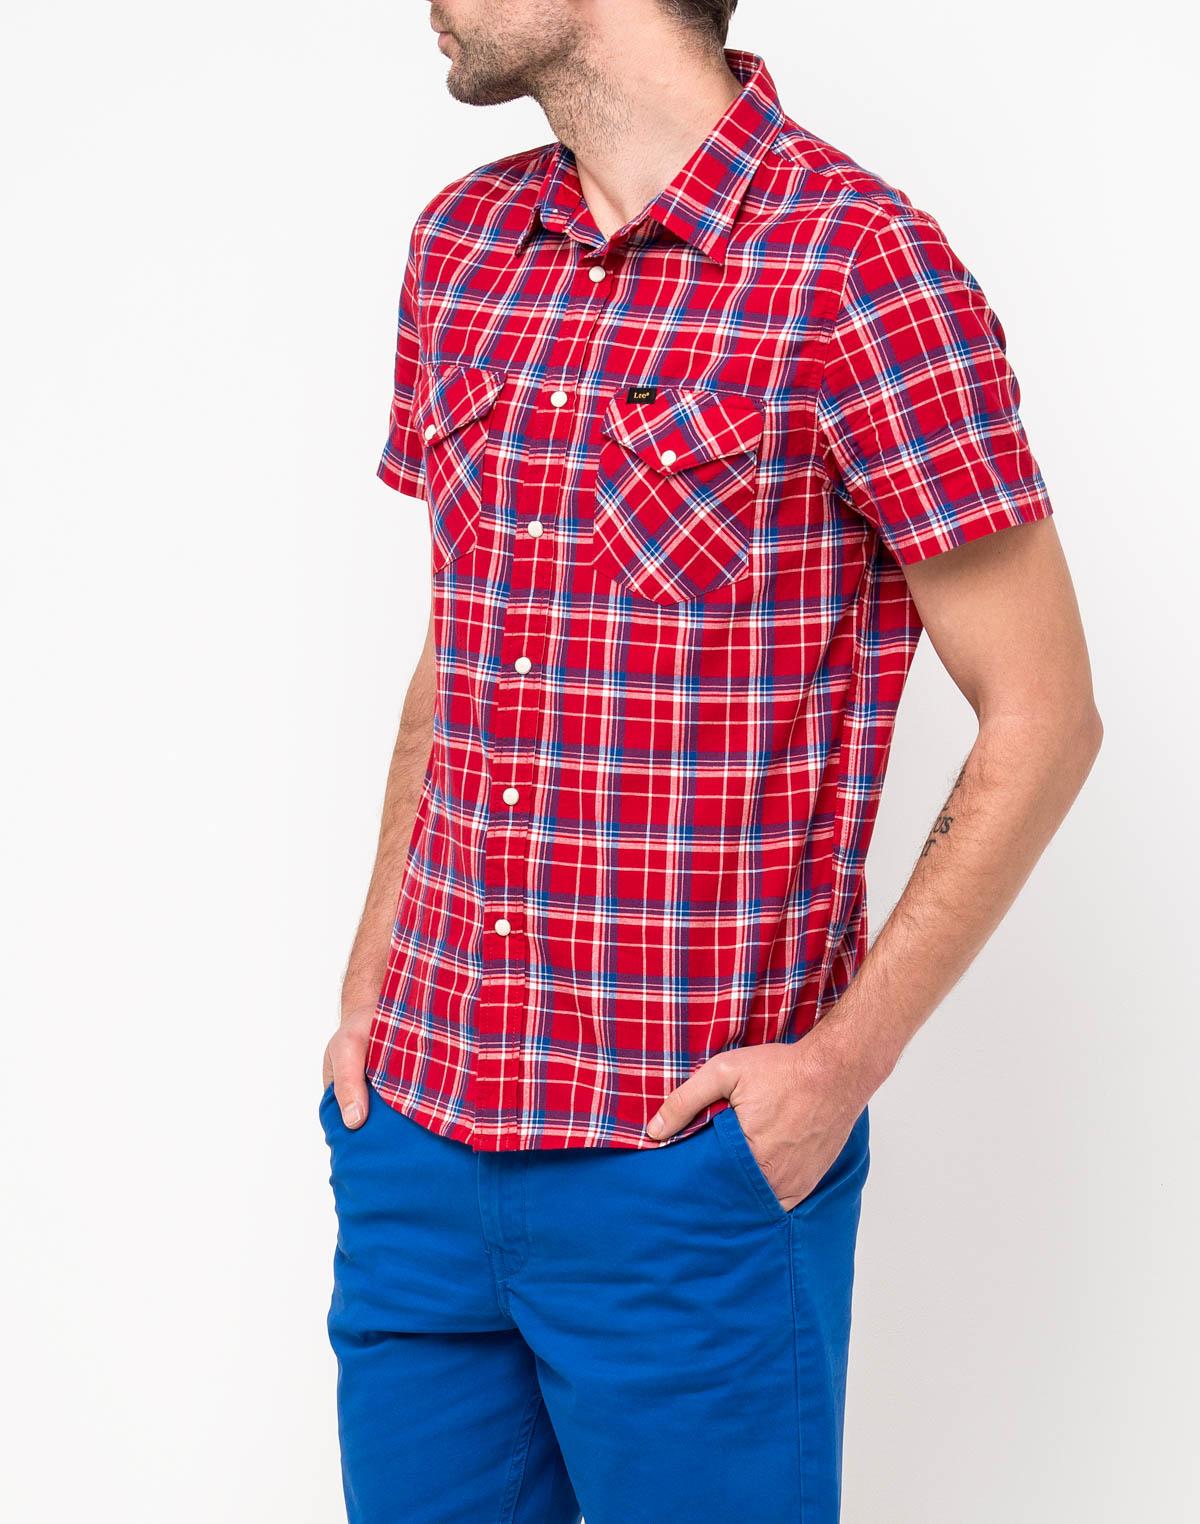 Рубашка мужская Lee, цвет: красный. L641GAEF. Размер M (48)L641GAEFМужская рубашка от Lee выполнена из натурального хлопка. Модель классического кроя с короткими рукавами и отложным воротником застегивается на пуговицы. На груди рубашка дополнена двумя накладными карманами на пуговицах.